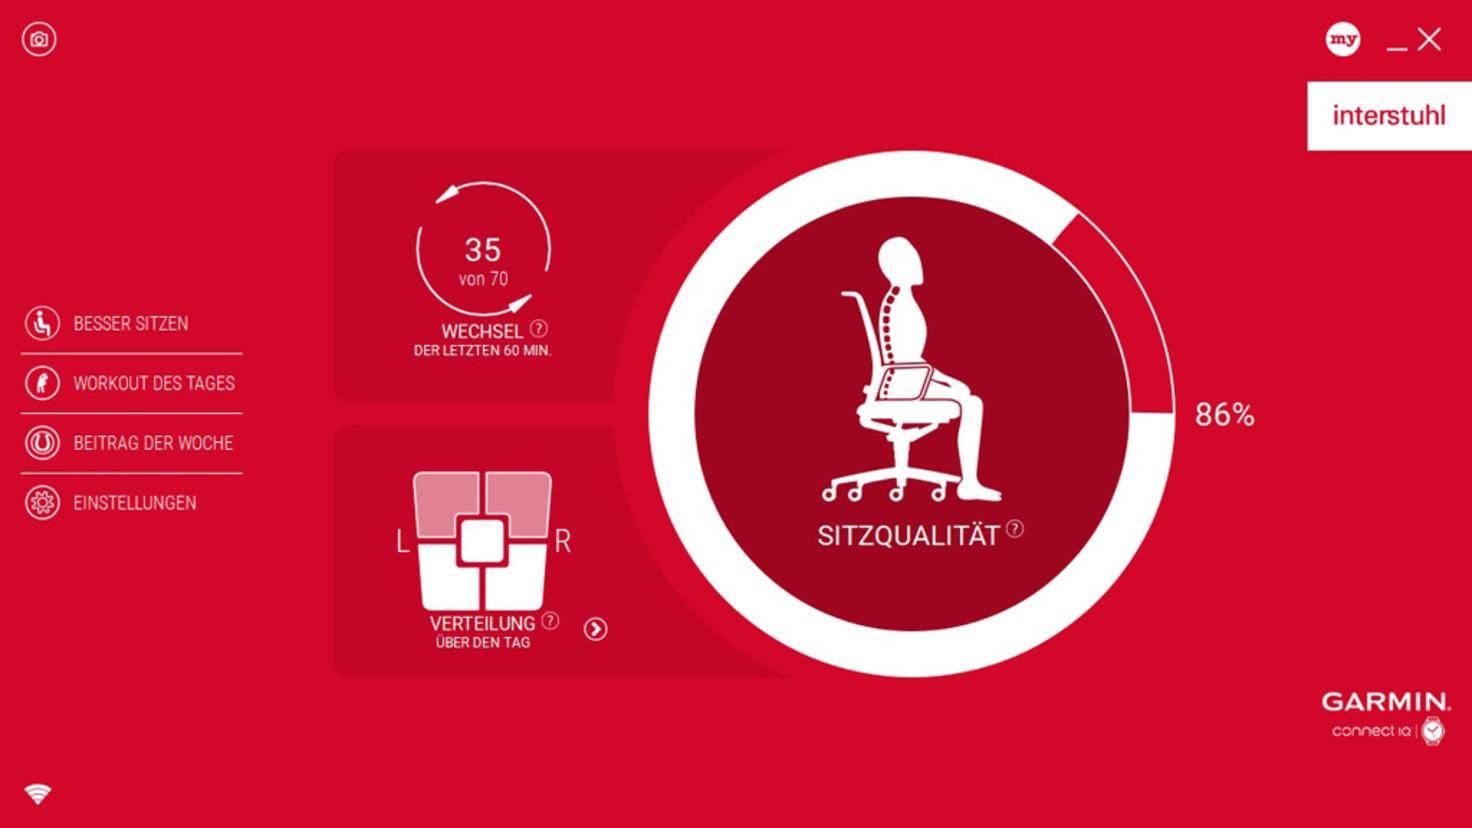 So sieht die Startseite der Interstuhl-App aus.